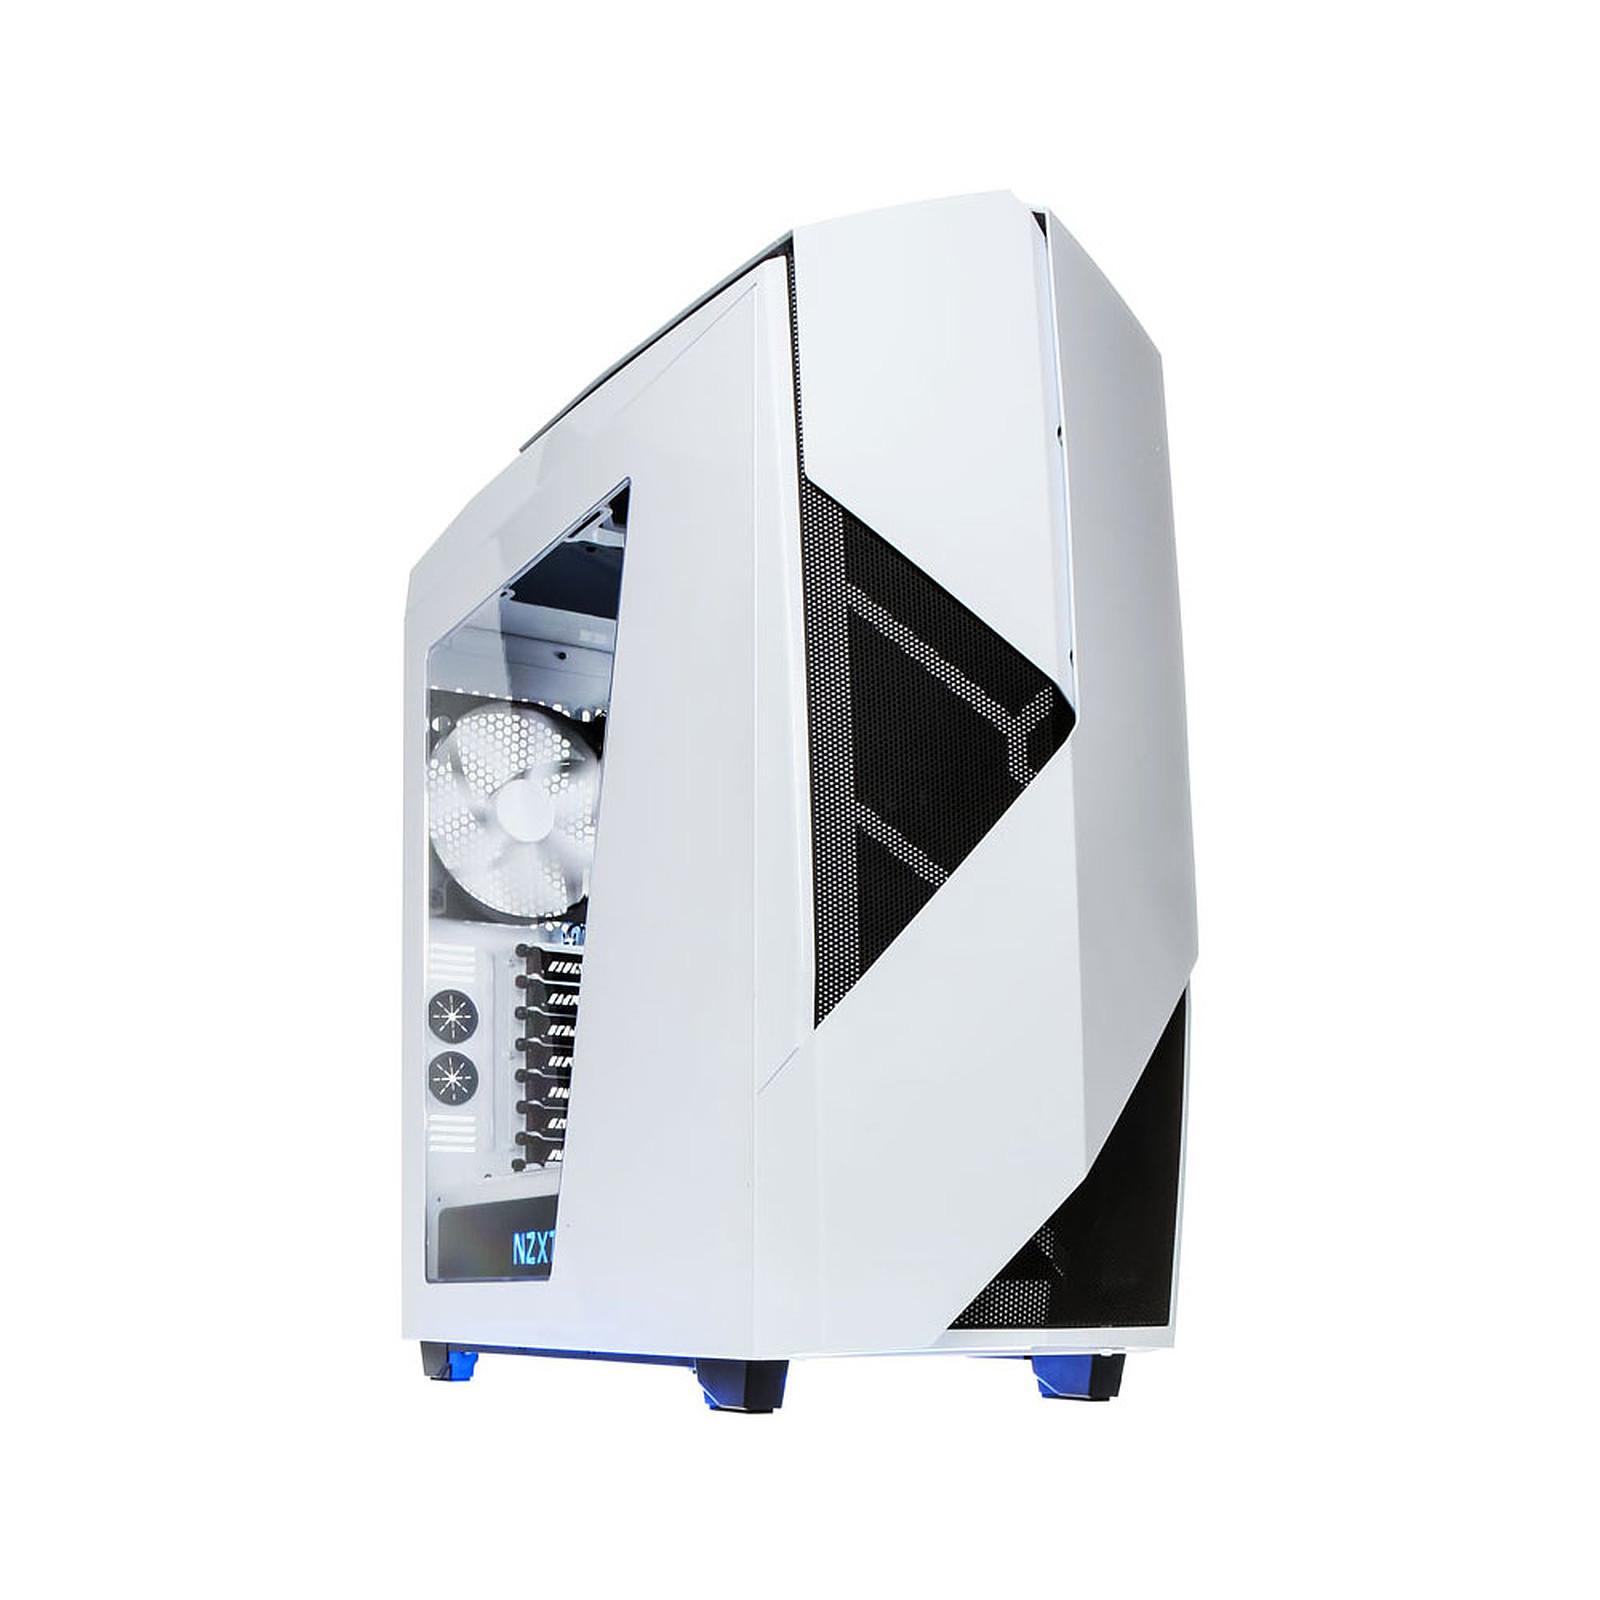 NZXT Noctis 450 (blanc)